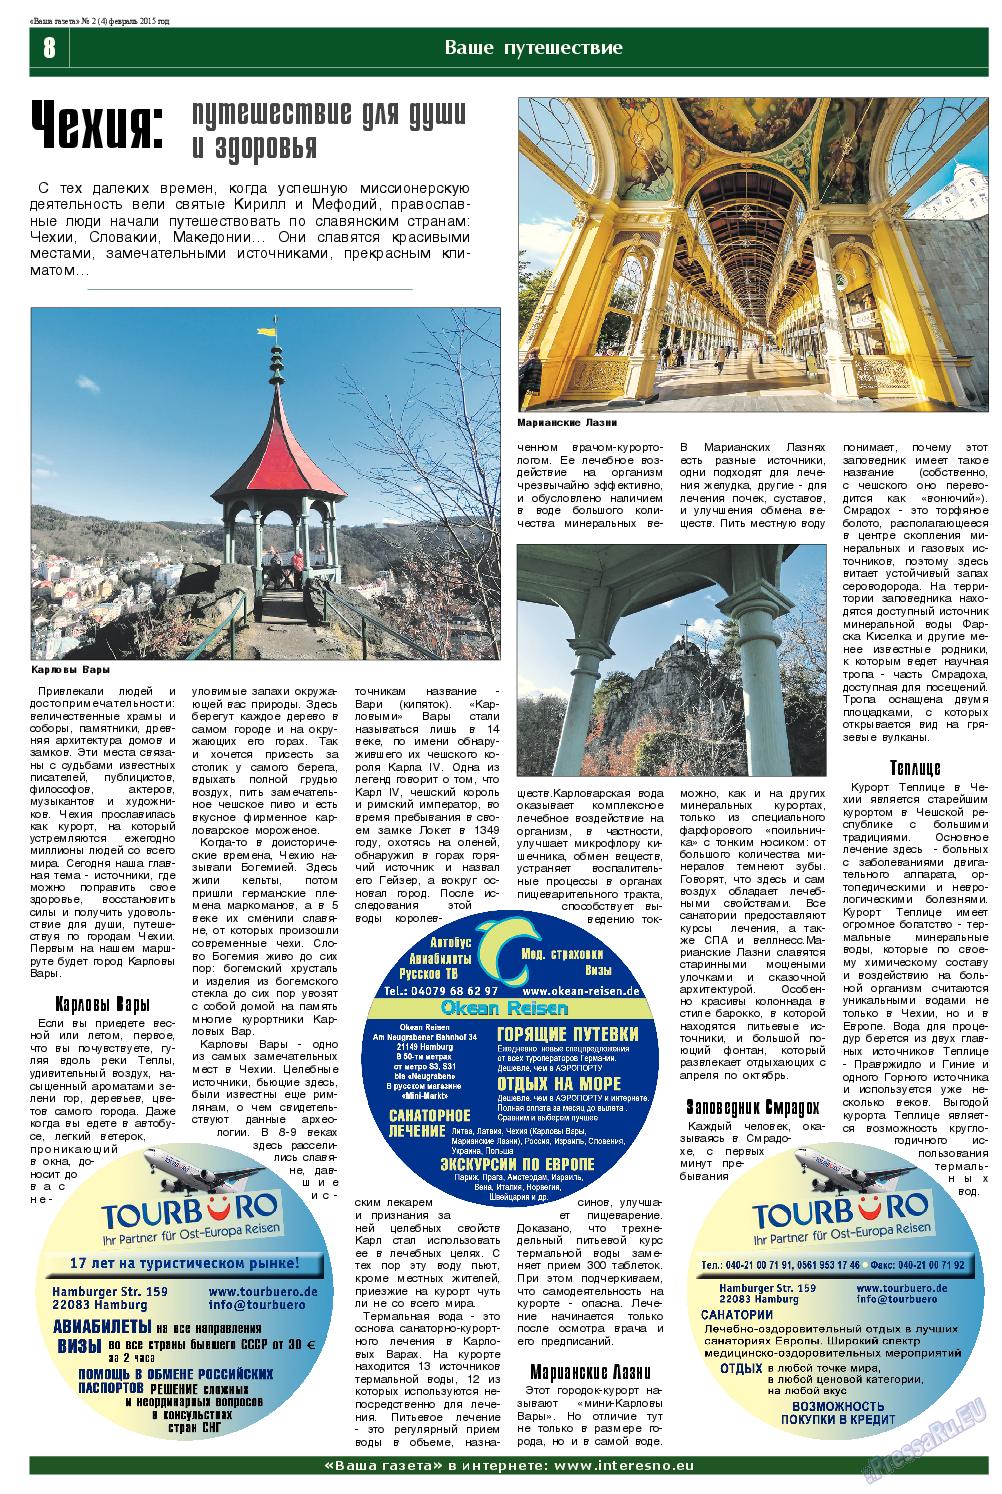 Ваша газета (газета). 2015 год, номер 2, стр. 8